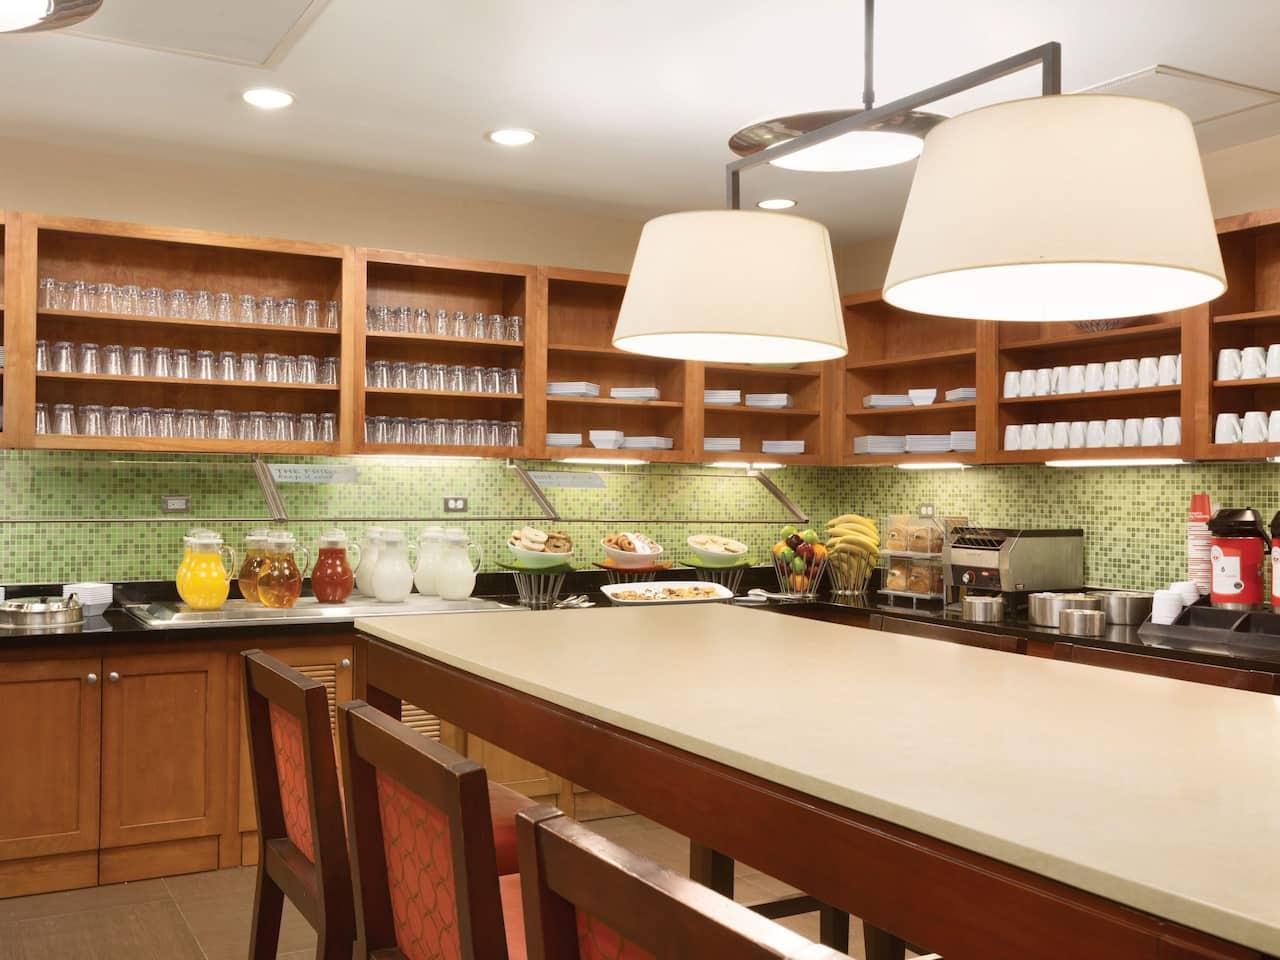 Gallery Guest Kitchen